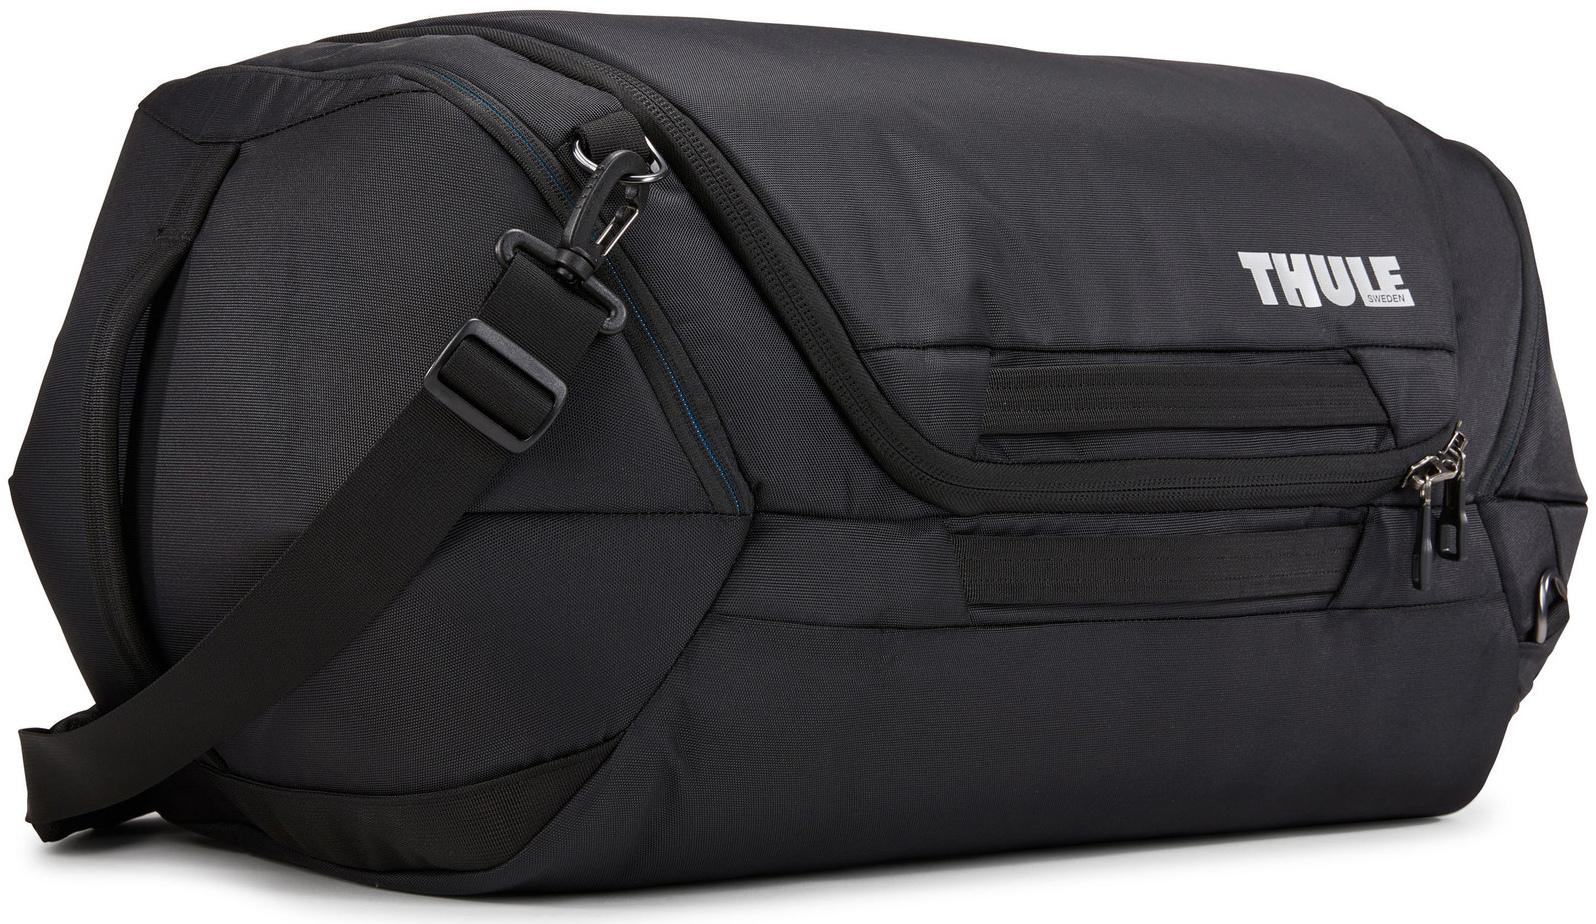 Дорожные сумки для путешествий, спортивные сумки-баулы Thule Сумка-Баул Thule Subterra Weekender Duffel 60L 3204026.jpg